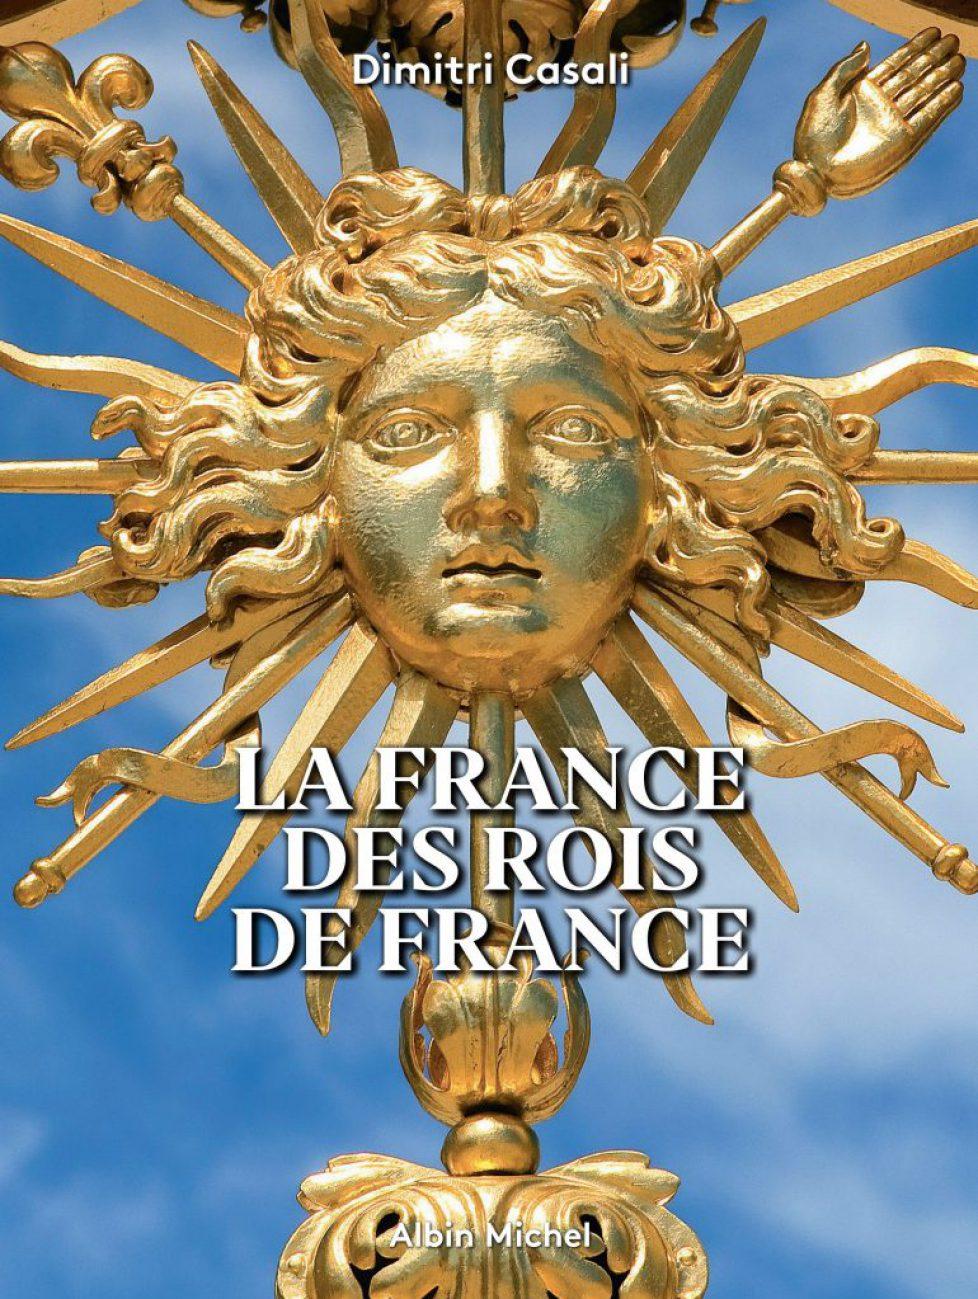 La France des Rois de France Couverture PRINT.indd